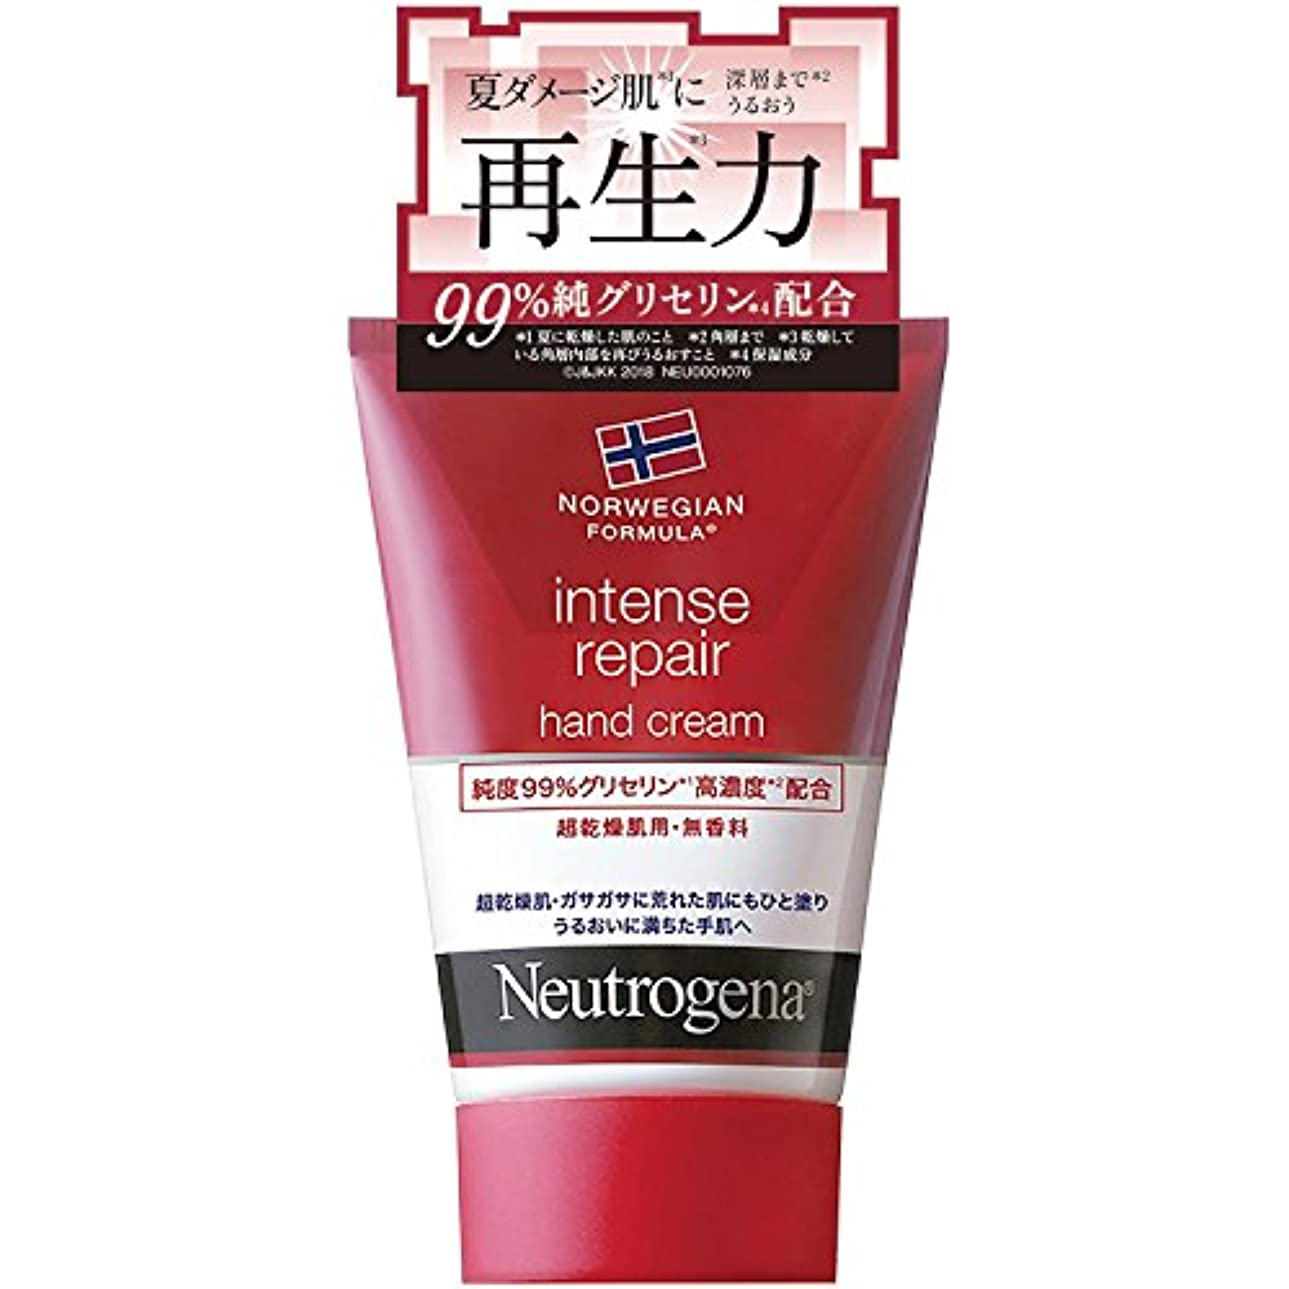 宇宙の然とした神経障害Neutrogena(ニュートロジーナ) ノルウェーフォーミュラ インテンスリペア ハンドクリーム 超乾燥肌用 無香料 単品 50g